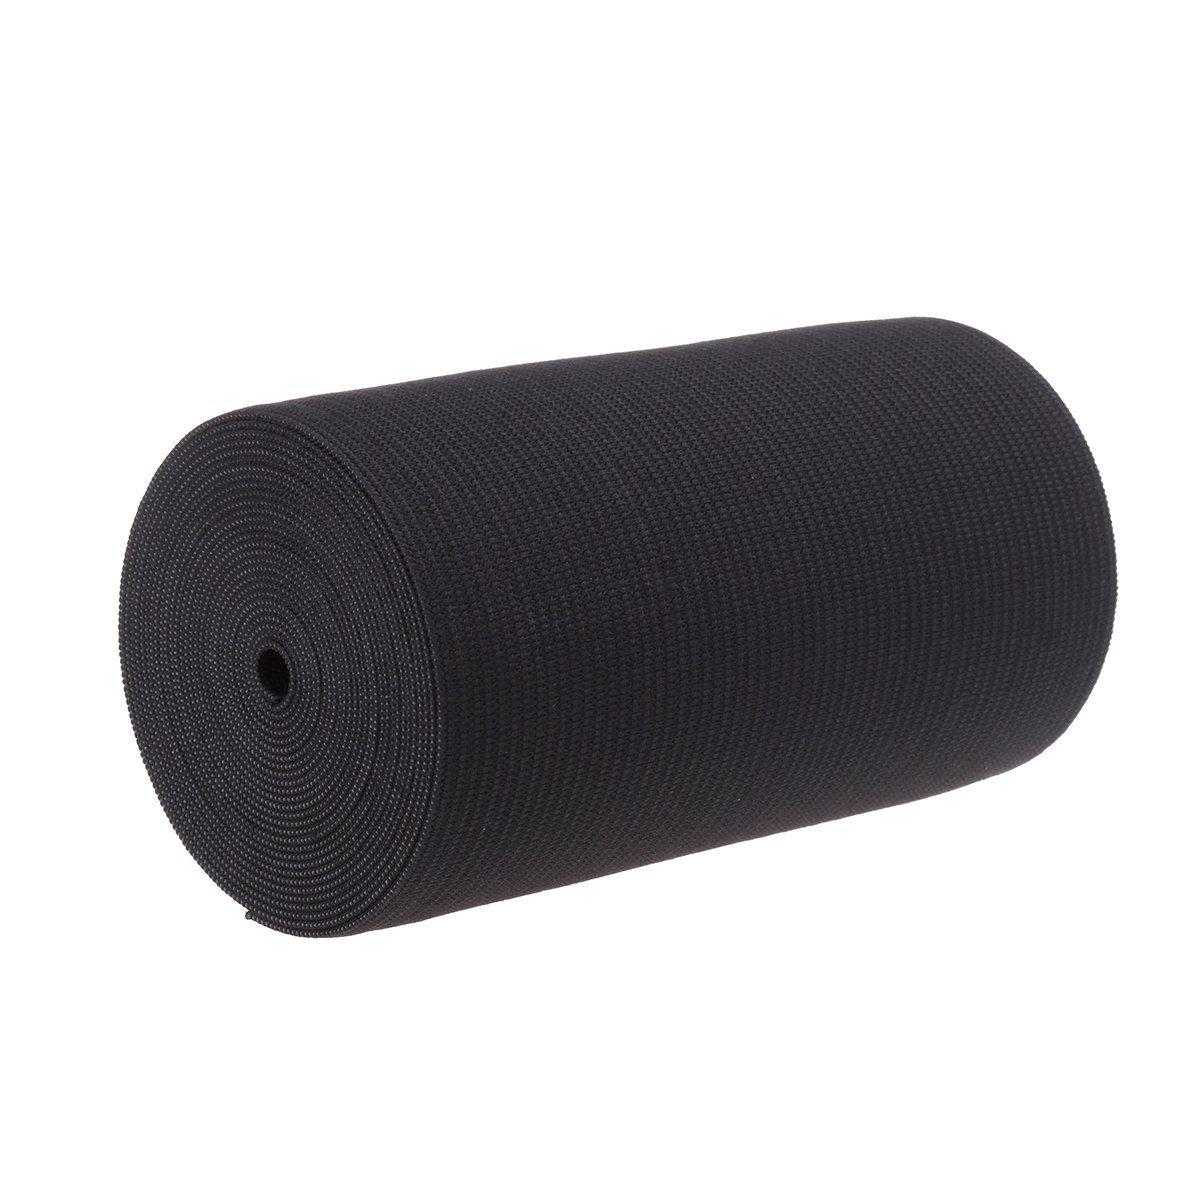 4-Inch Wide Black Heavy Knit Stretch ELASTIC 3 Yards by Prolastic 4337000327